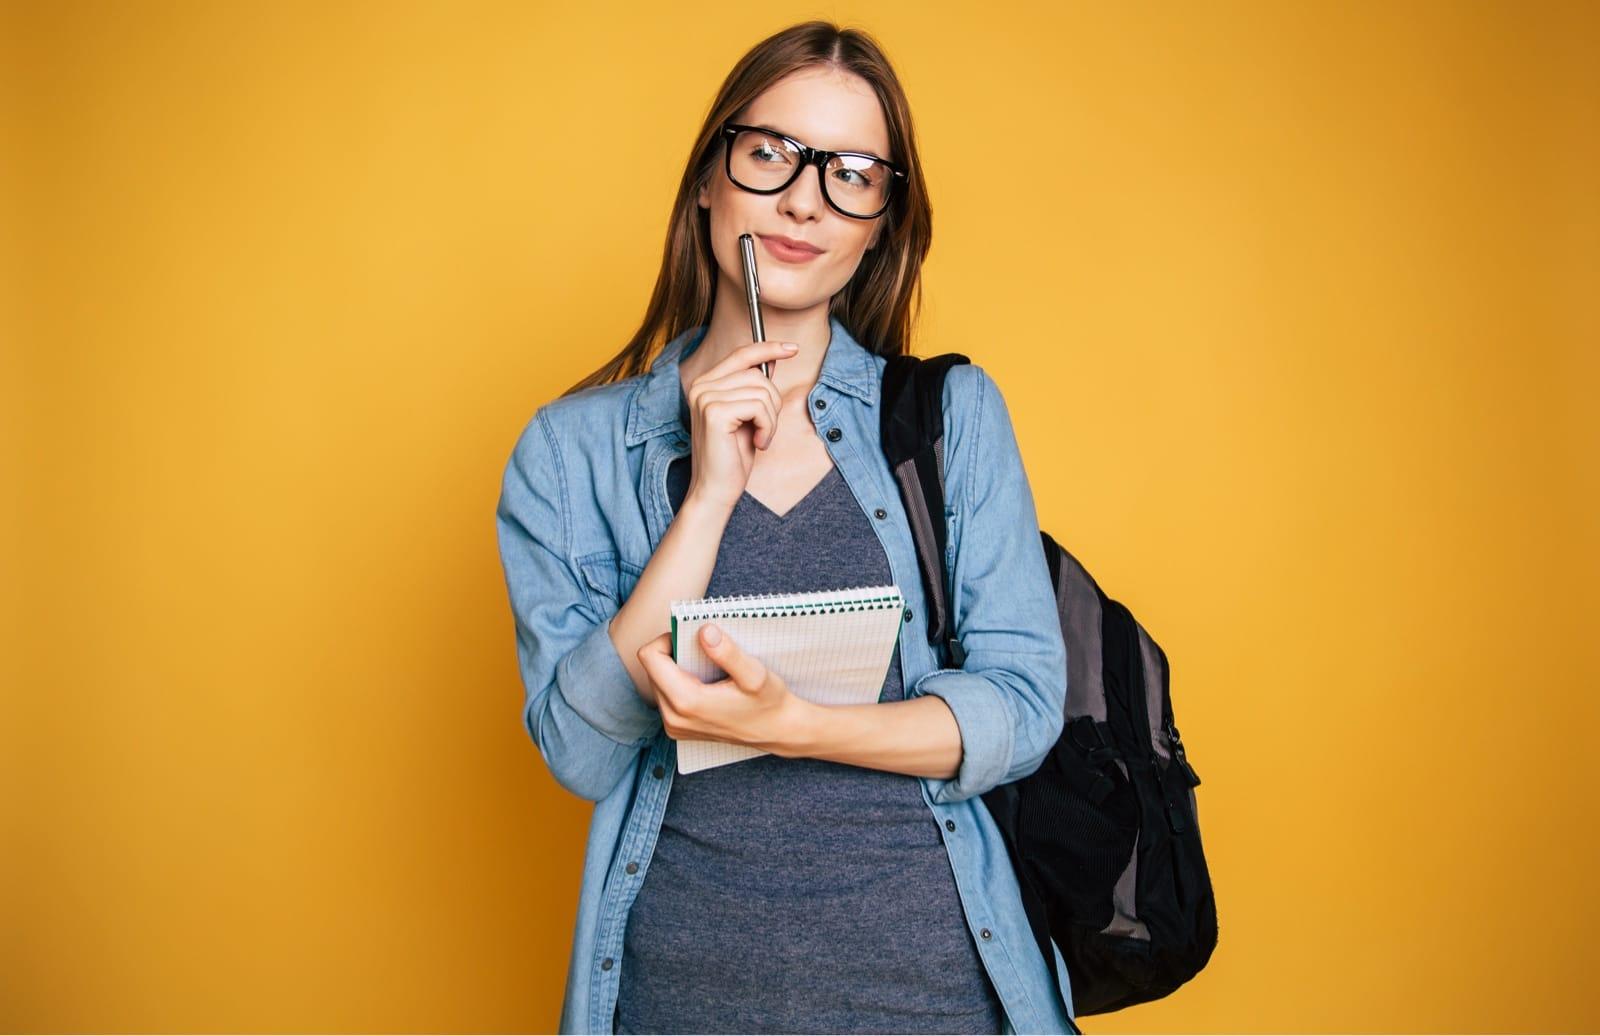 何か考える様子のメガネの女性